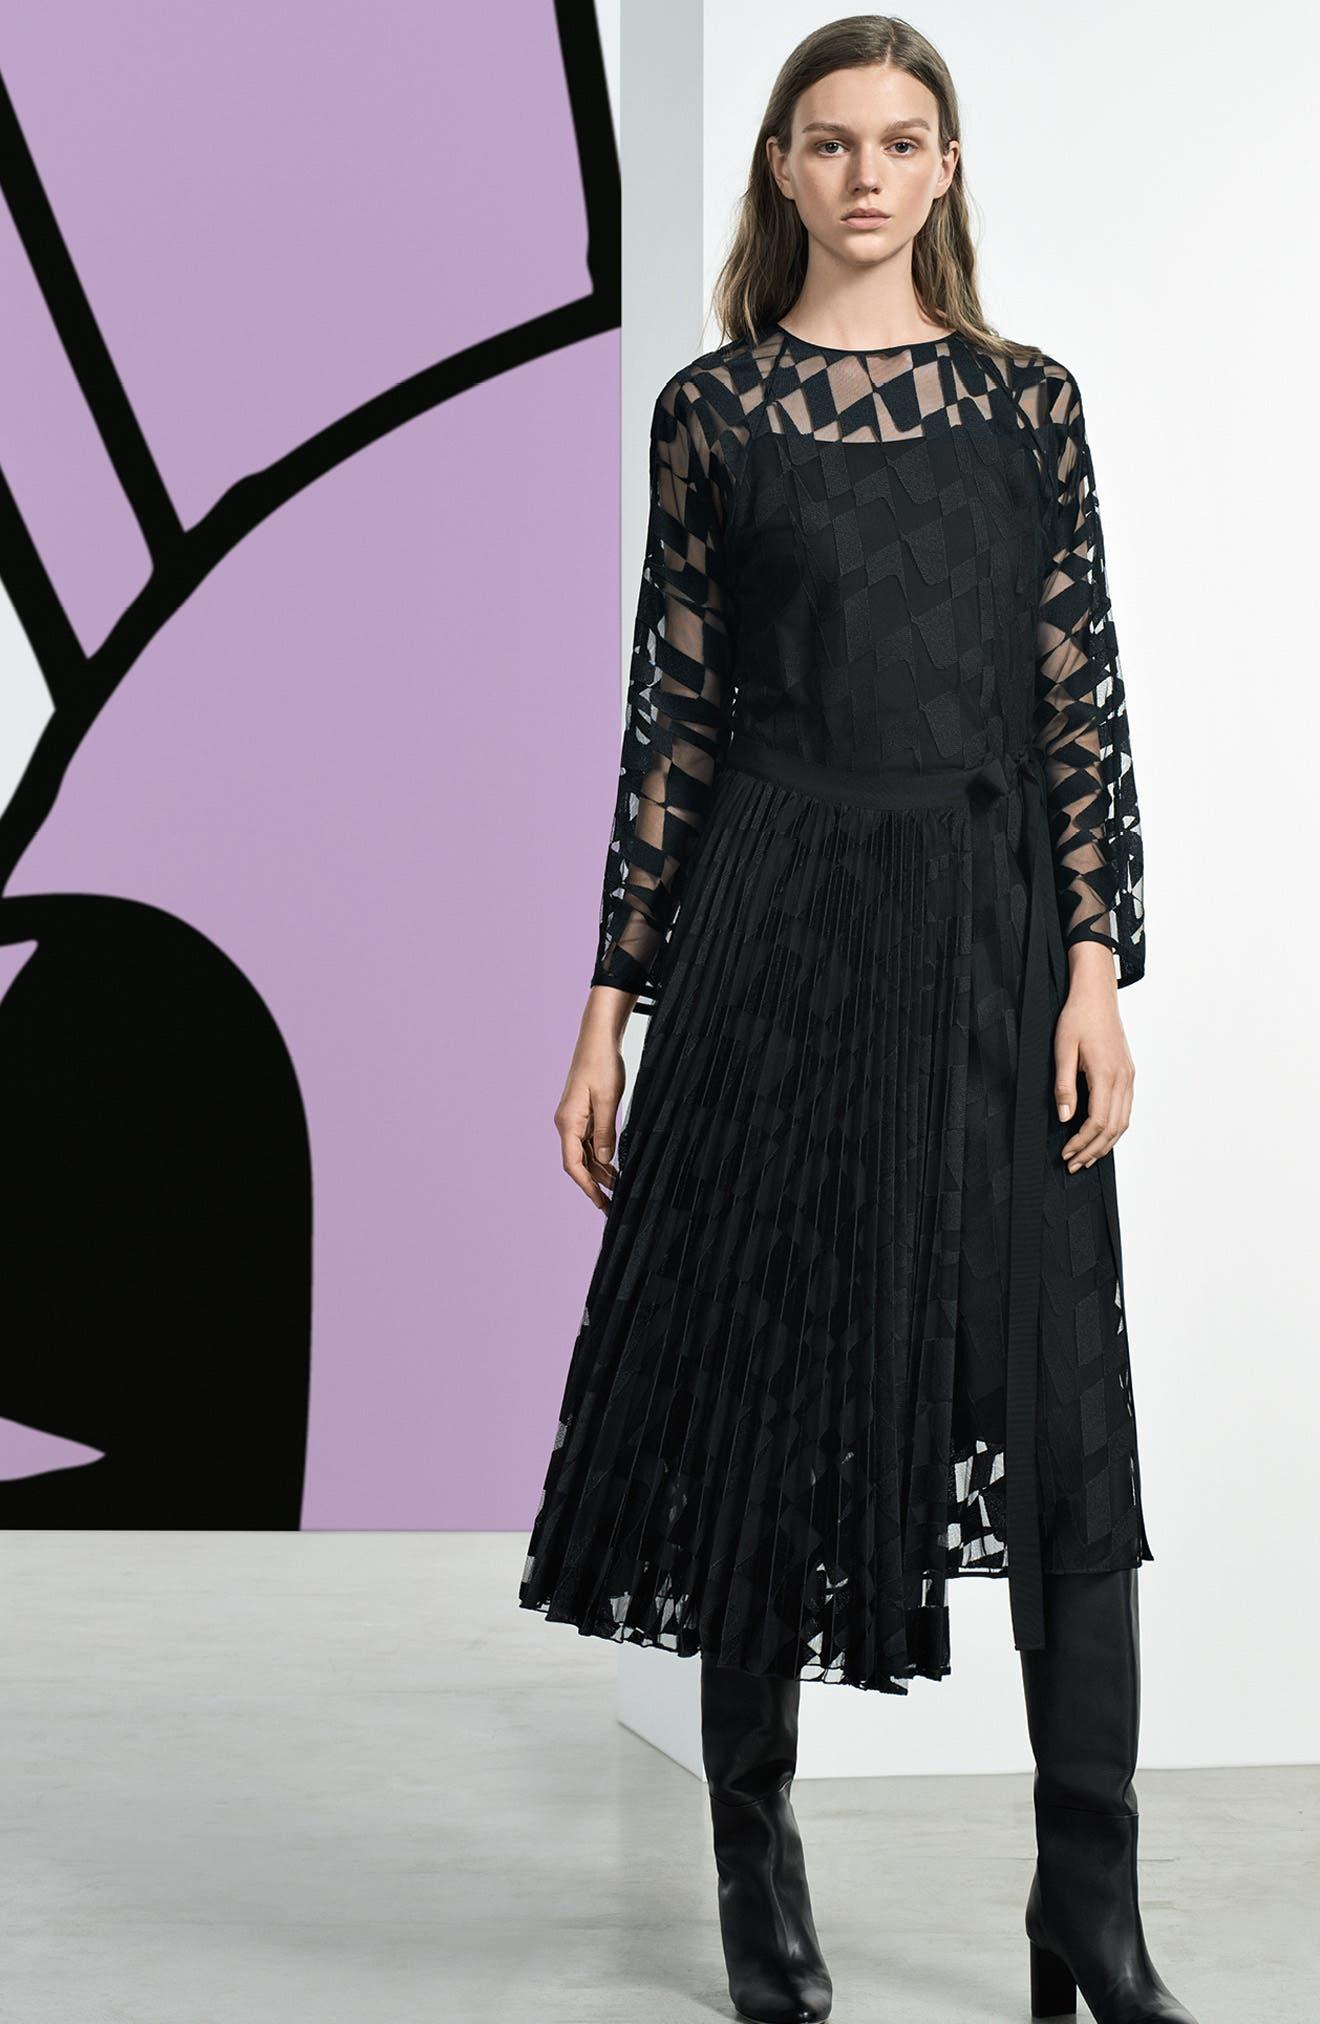 Dalace Pleat & Geo Print Midi Dress,                             Alternate thumbnail 7, color,                             BLACK